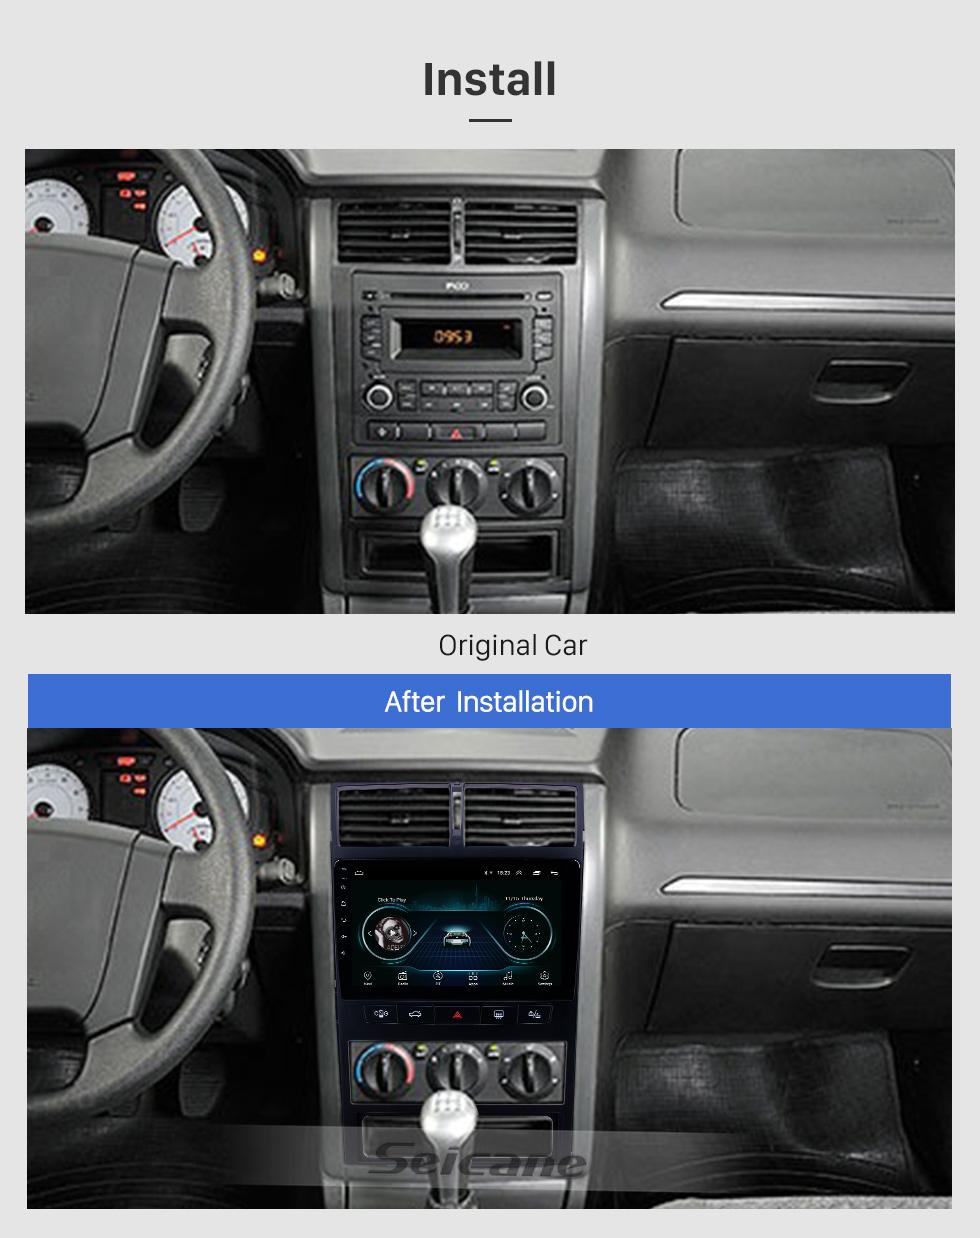 Compre Android 9 0 Radio Video Car Unidade De Cabeca Para Peugeot 405 Bluetooth Wifi Hd Apoio Touchscreen Gps Navigation Camera Carplay Traseira 9 Polegadas De Fengxingshangmao 132 67 Pt Dhgate Com